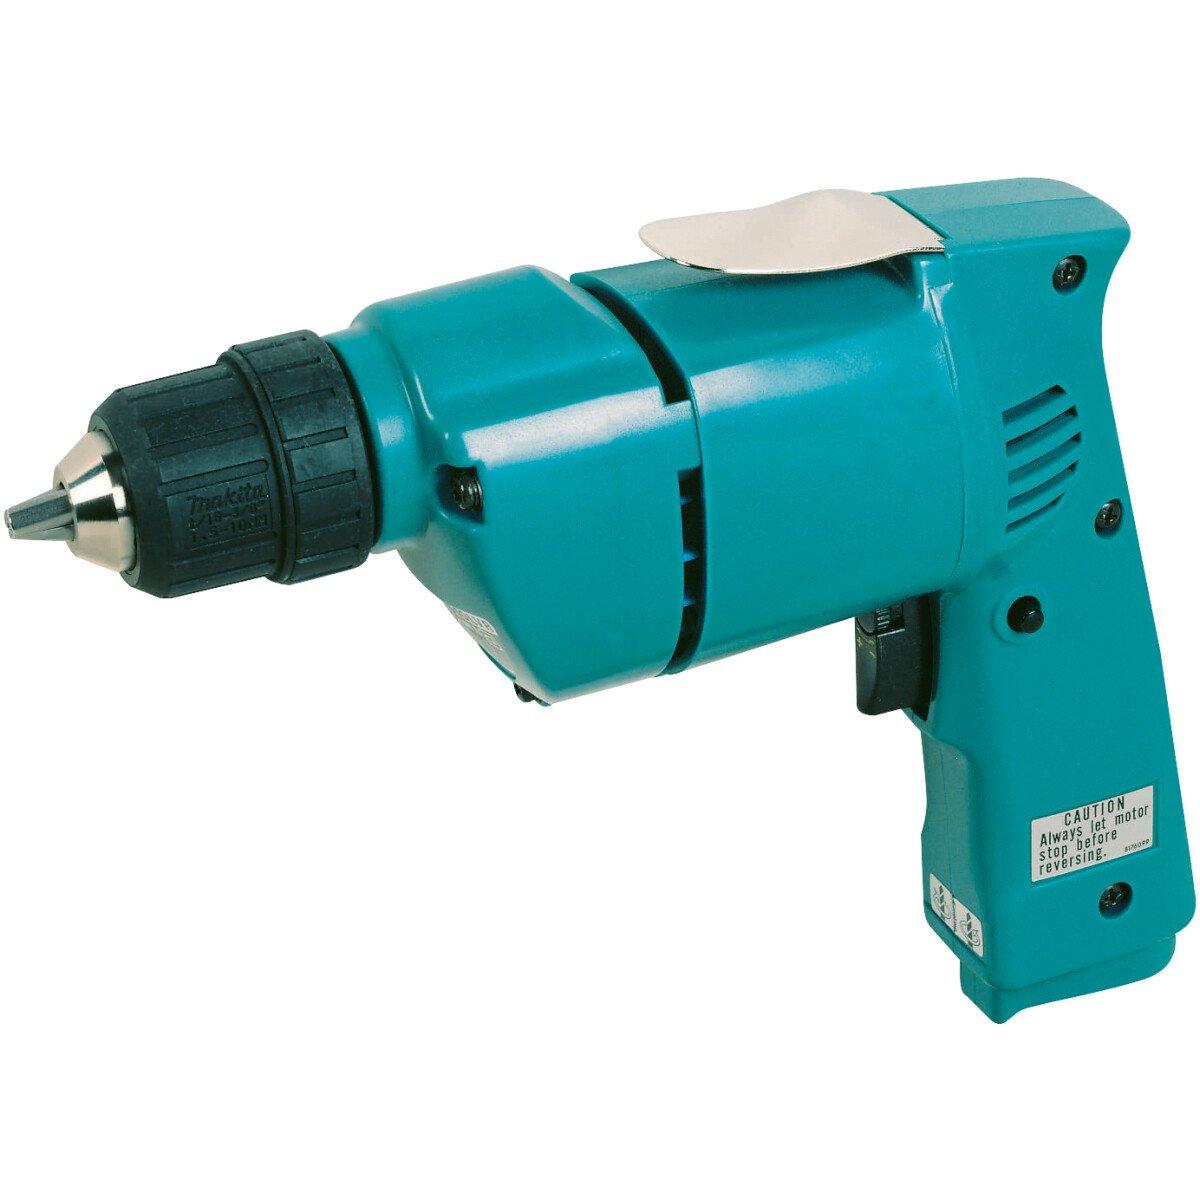 Makita 6510LVR 240Volt Rotary Drill 10mm 300 watt